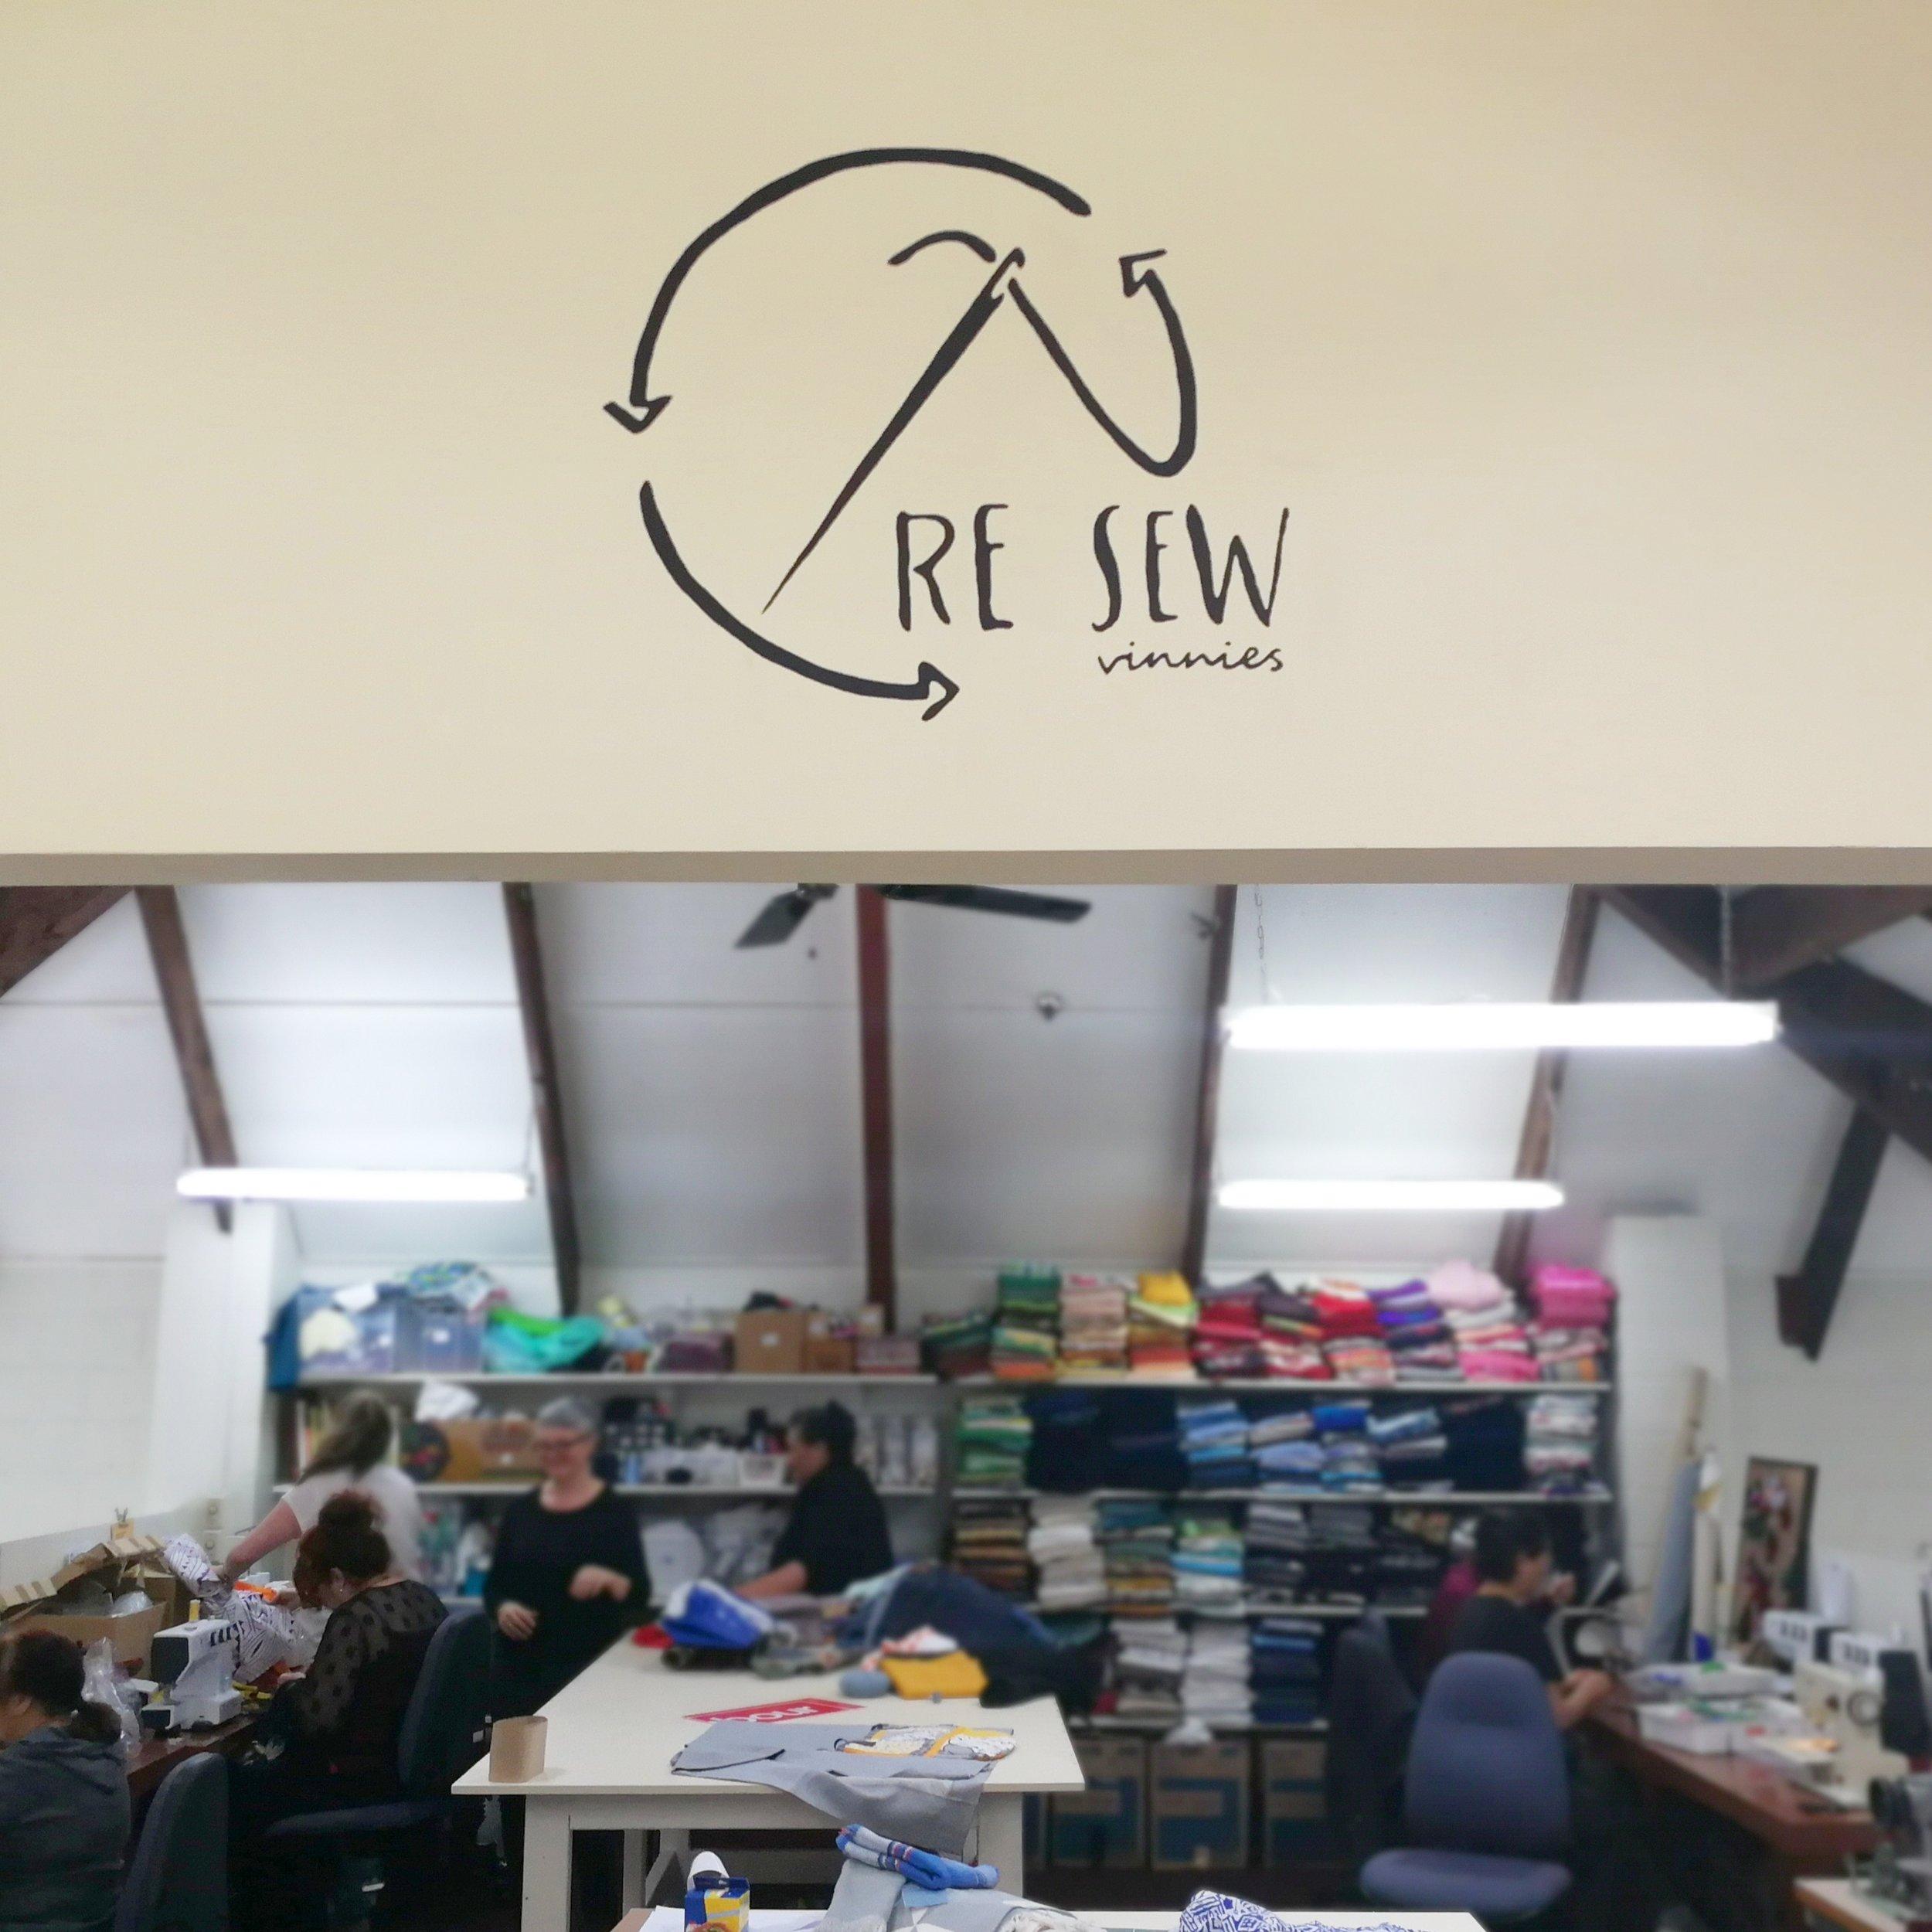 The Re Sew studio.